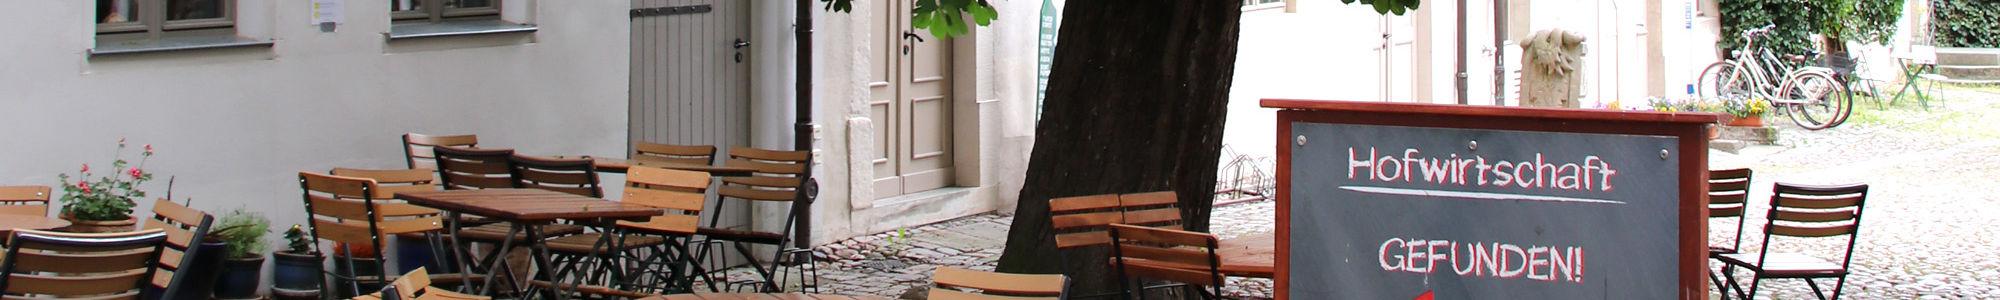 Hofwirtschaft Cranach Hof Wittenberg